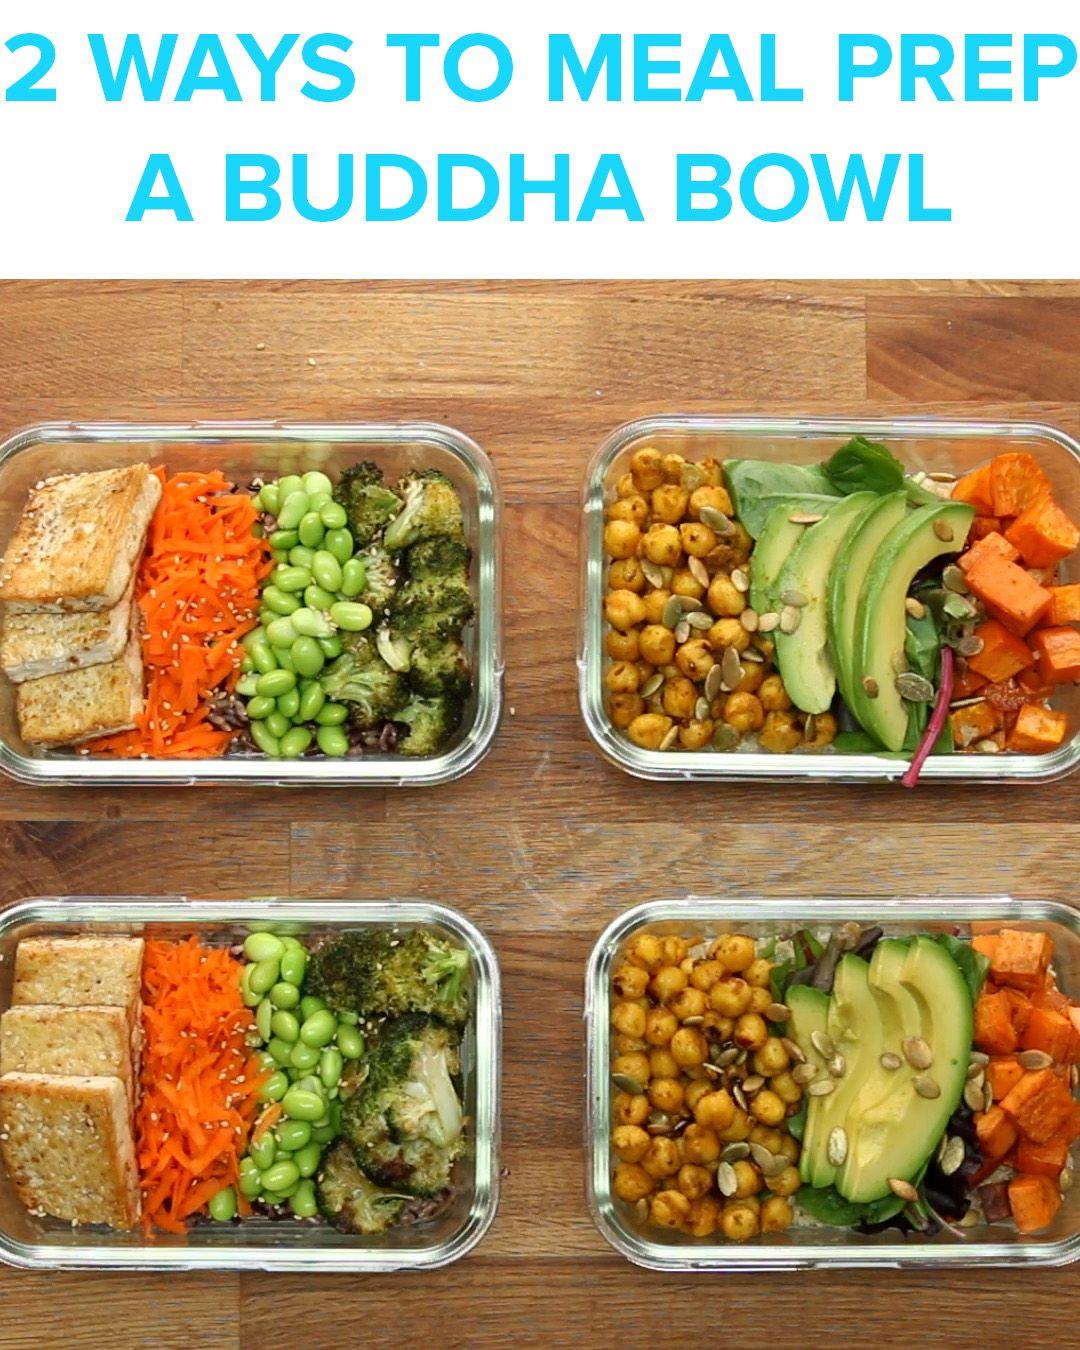 Buddha Bowl Meal Prep